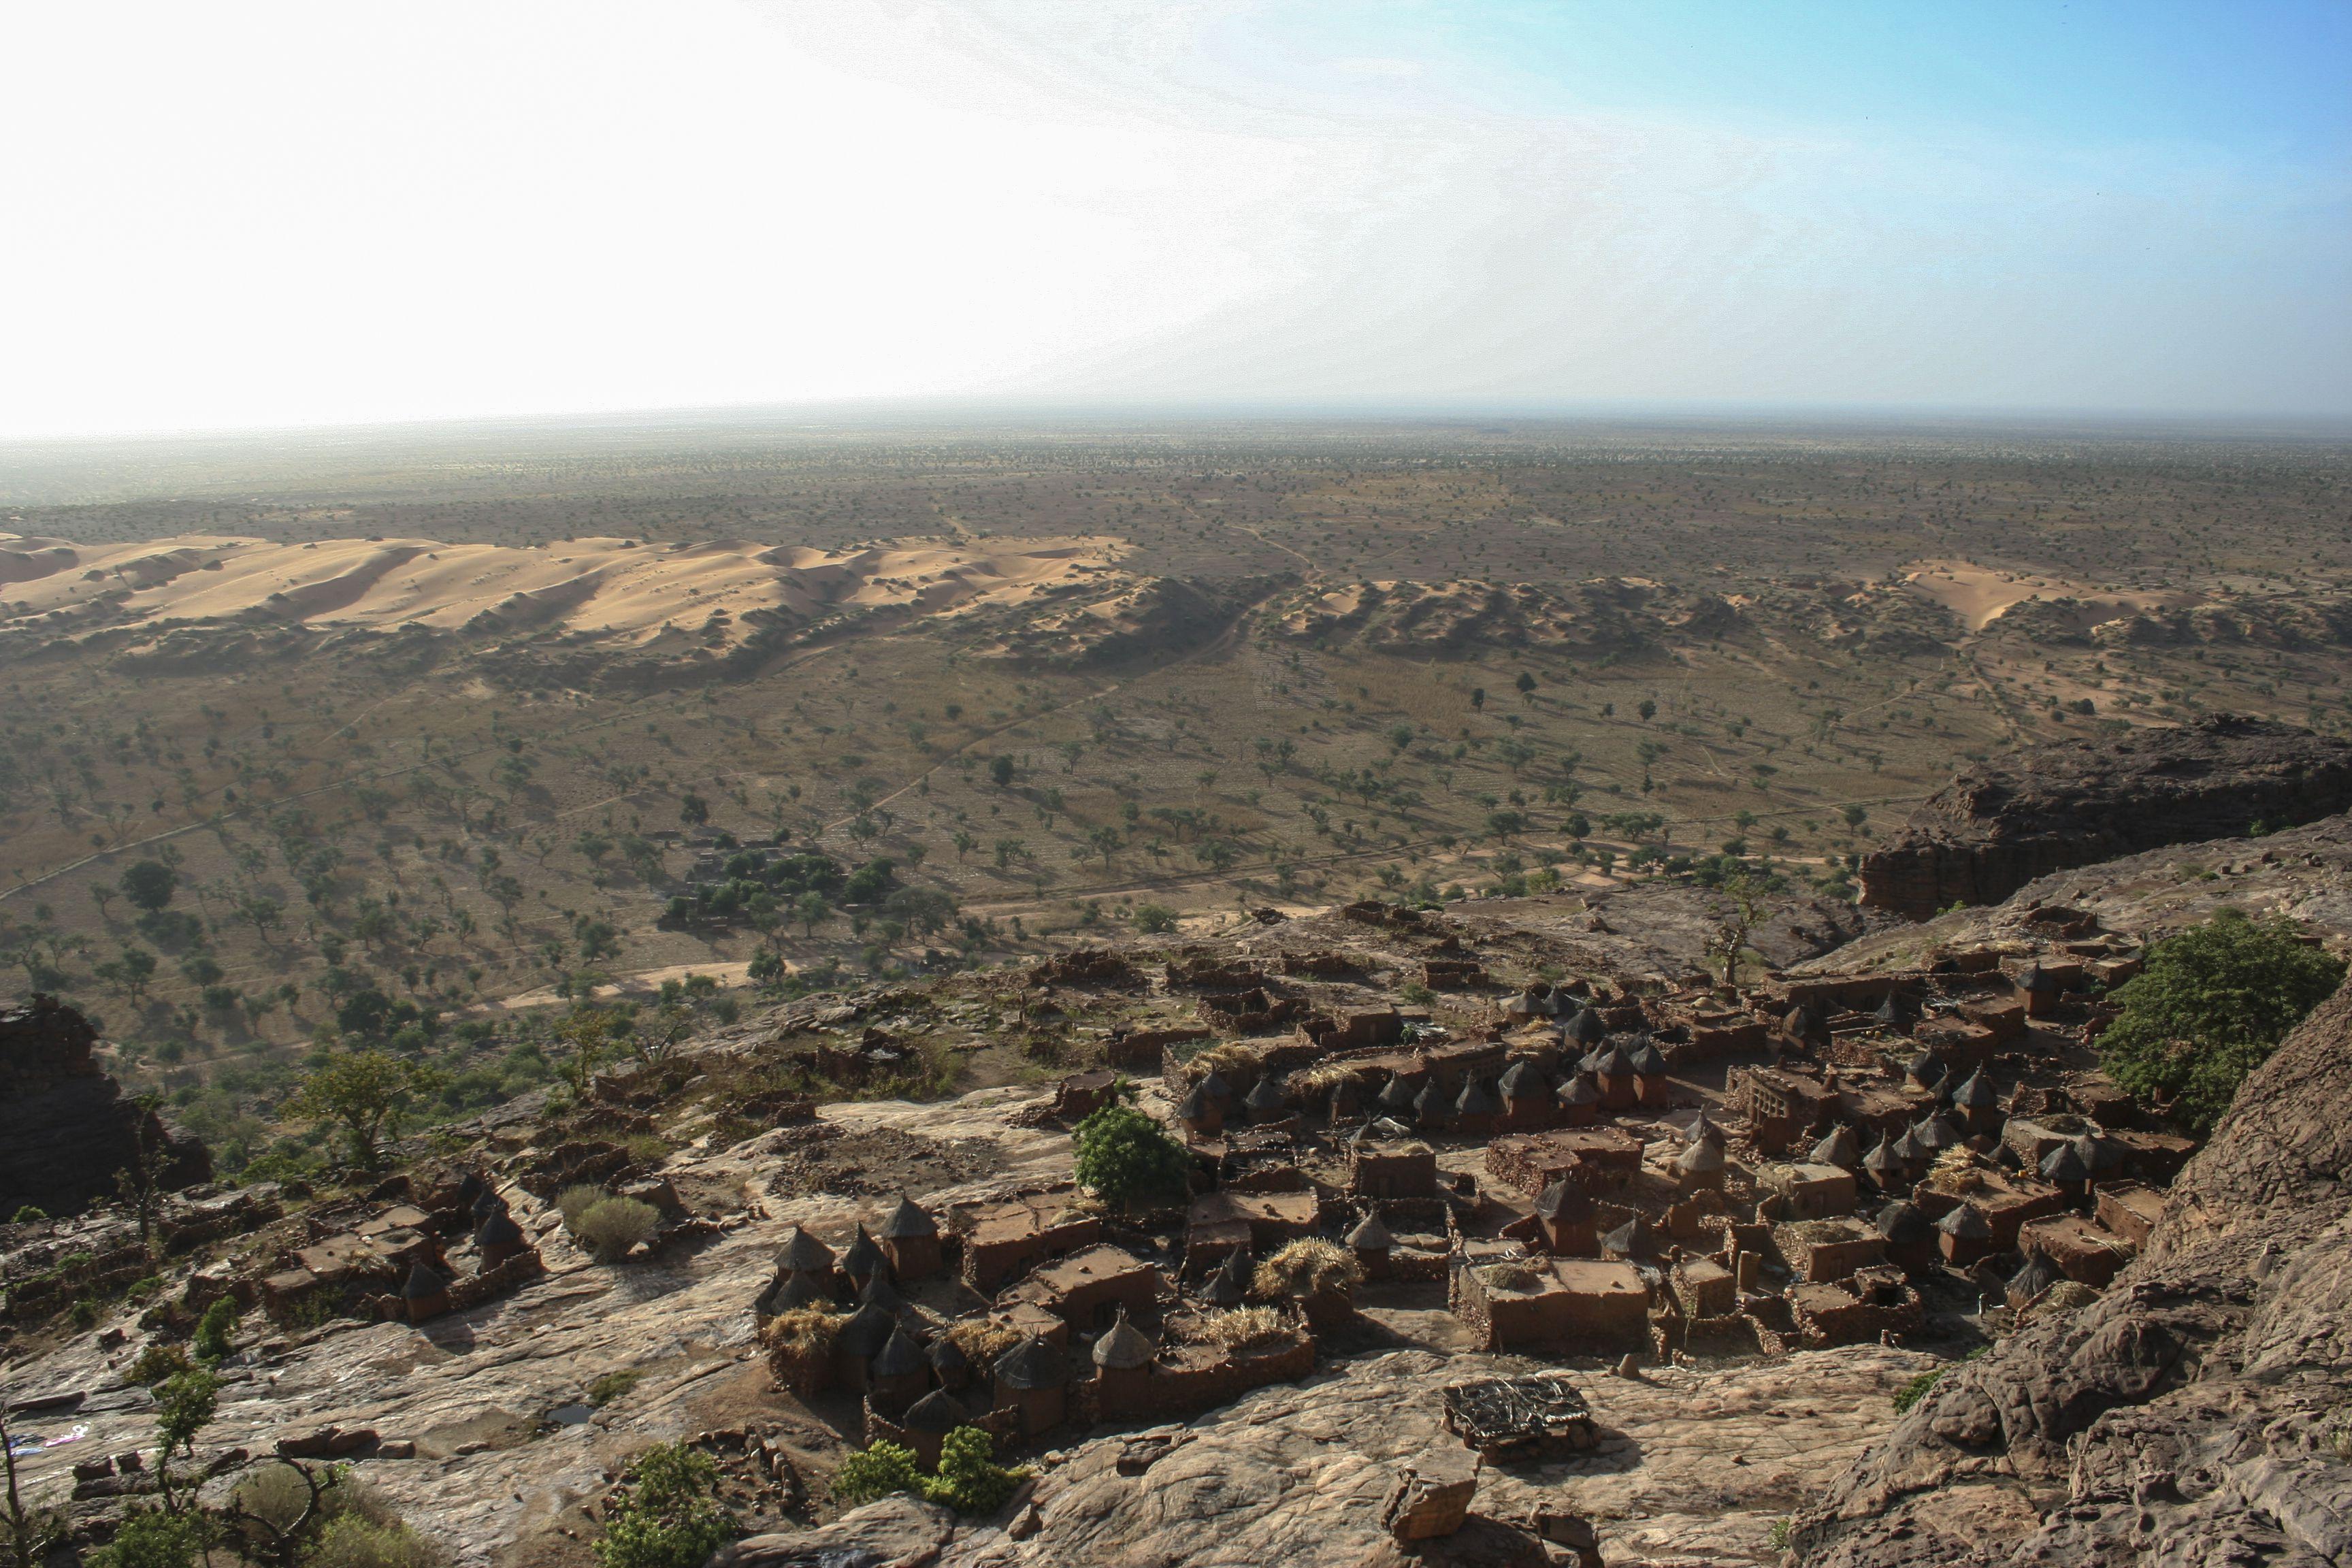 Dogon village from the top of the Bandiagara Escarpment